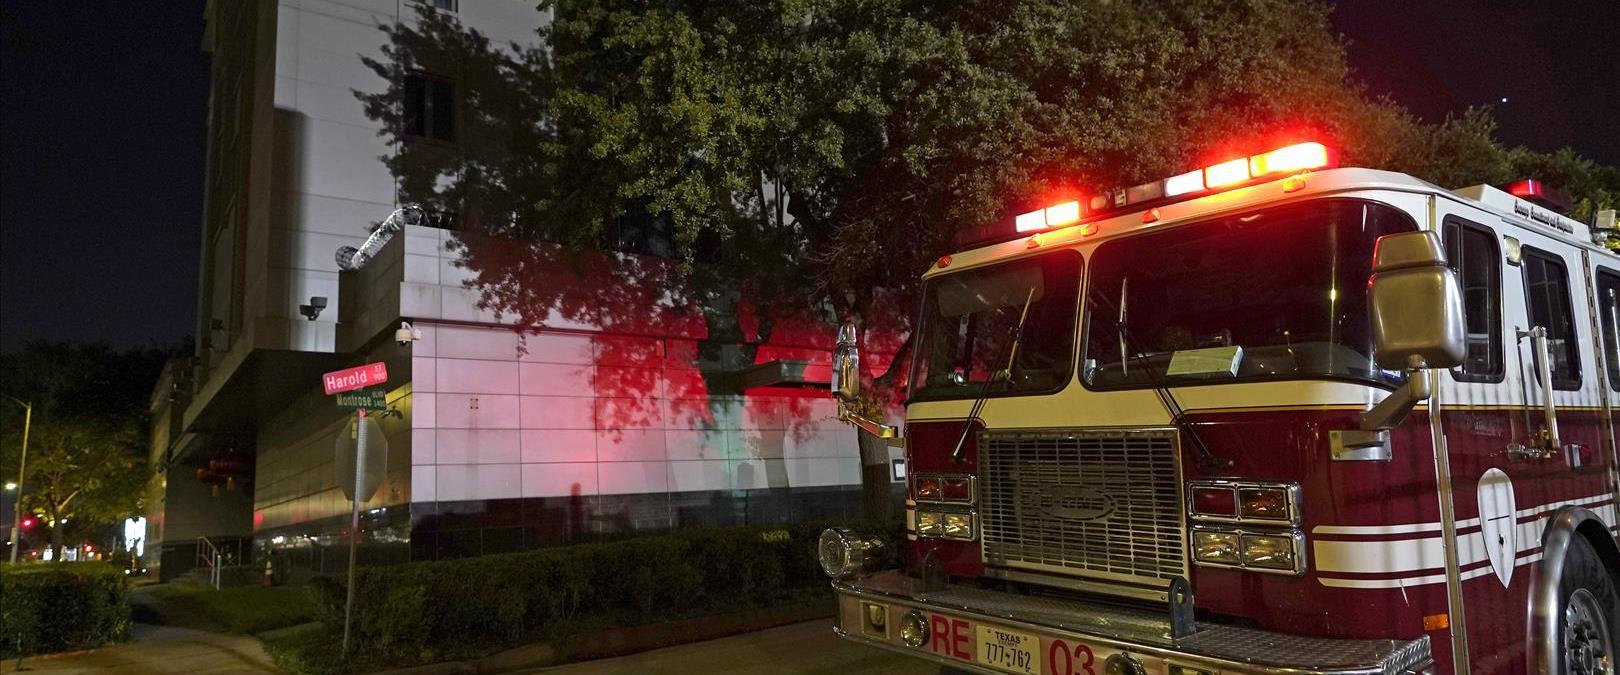 השריפה בקונסוליה הסינית בווסטון, שלשום